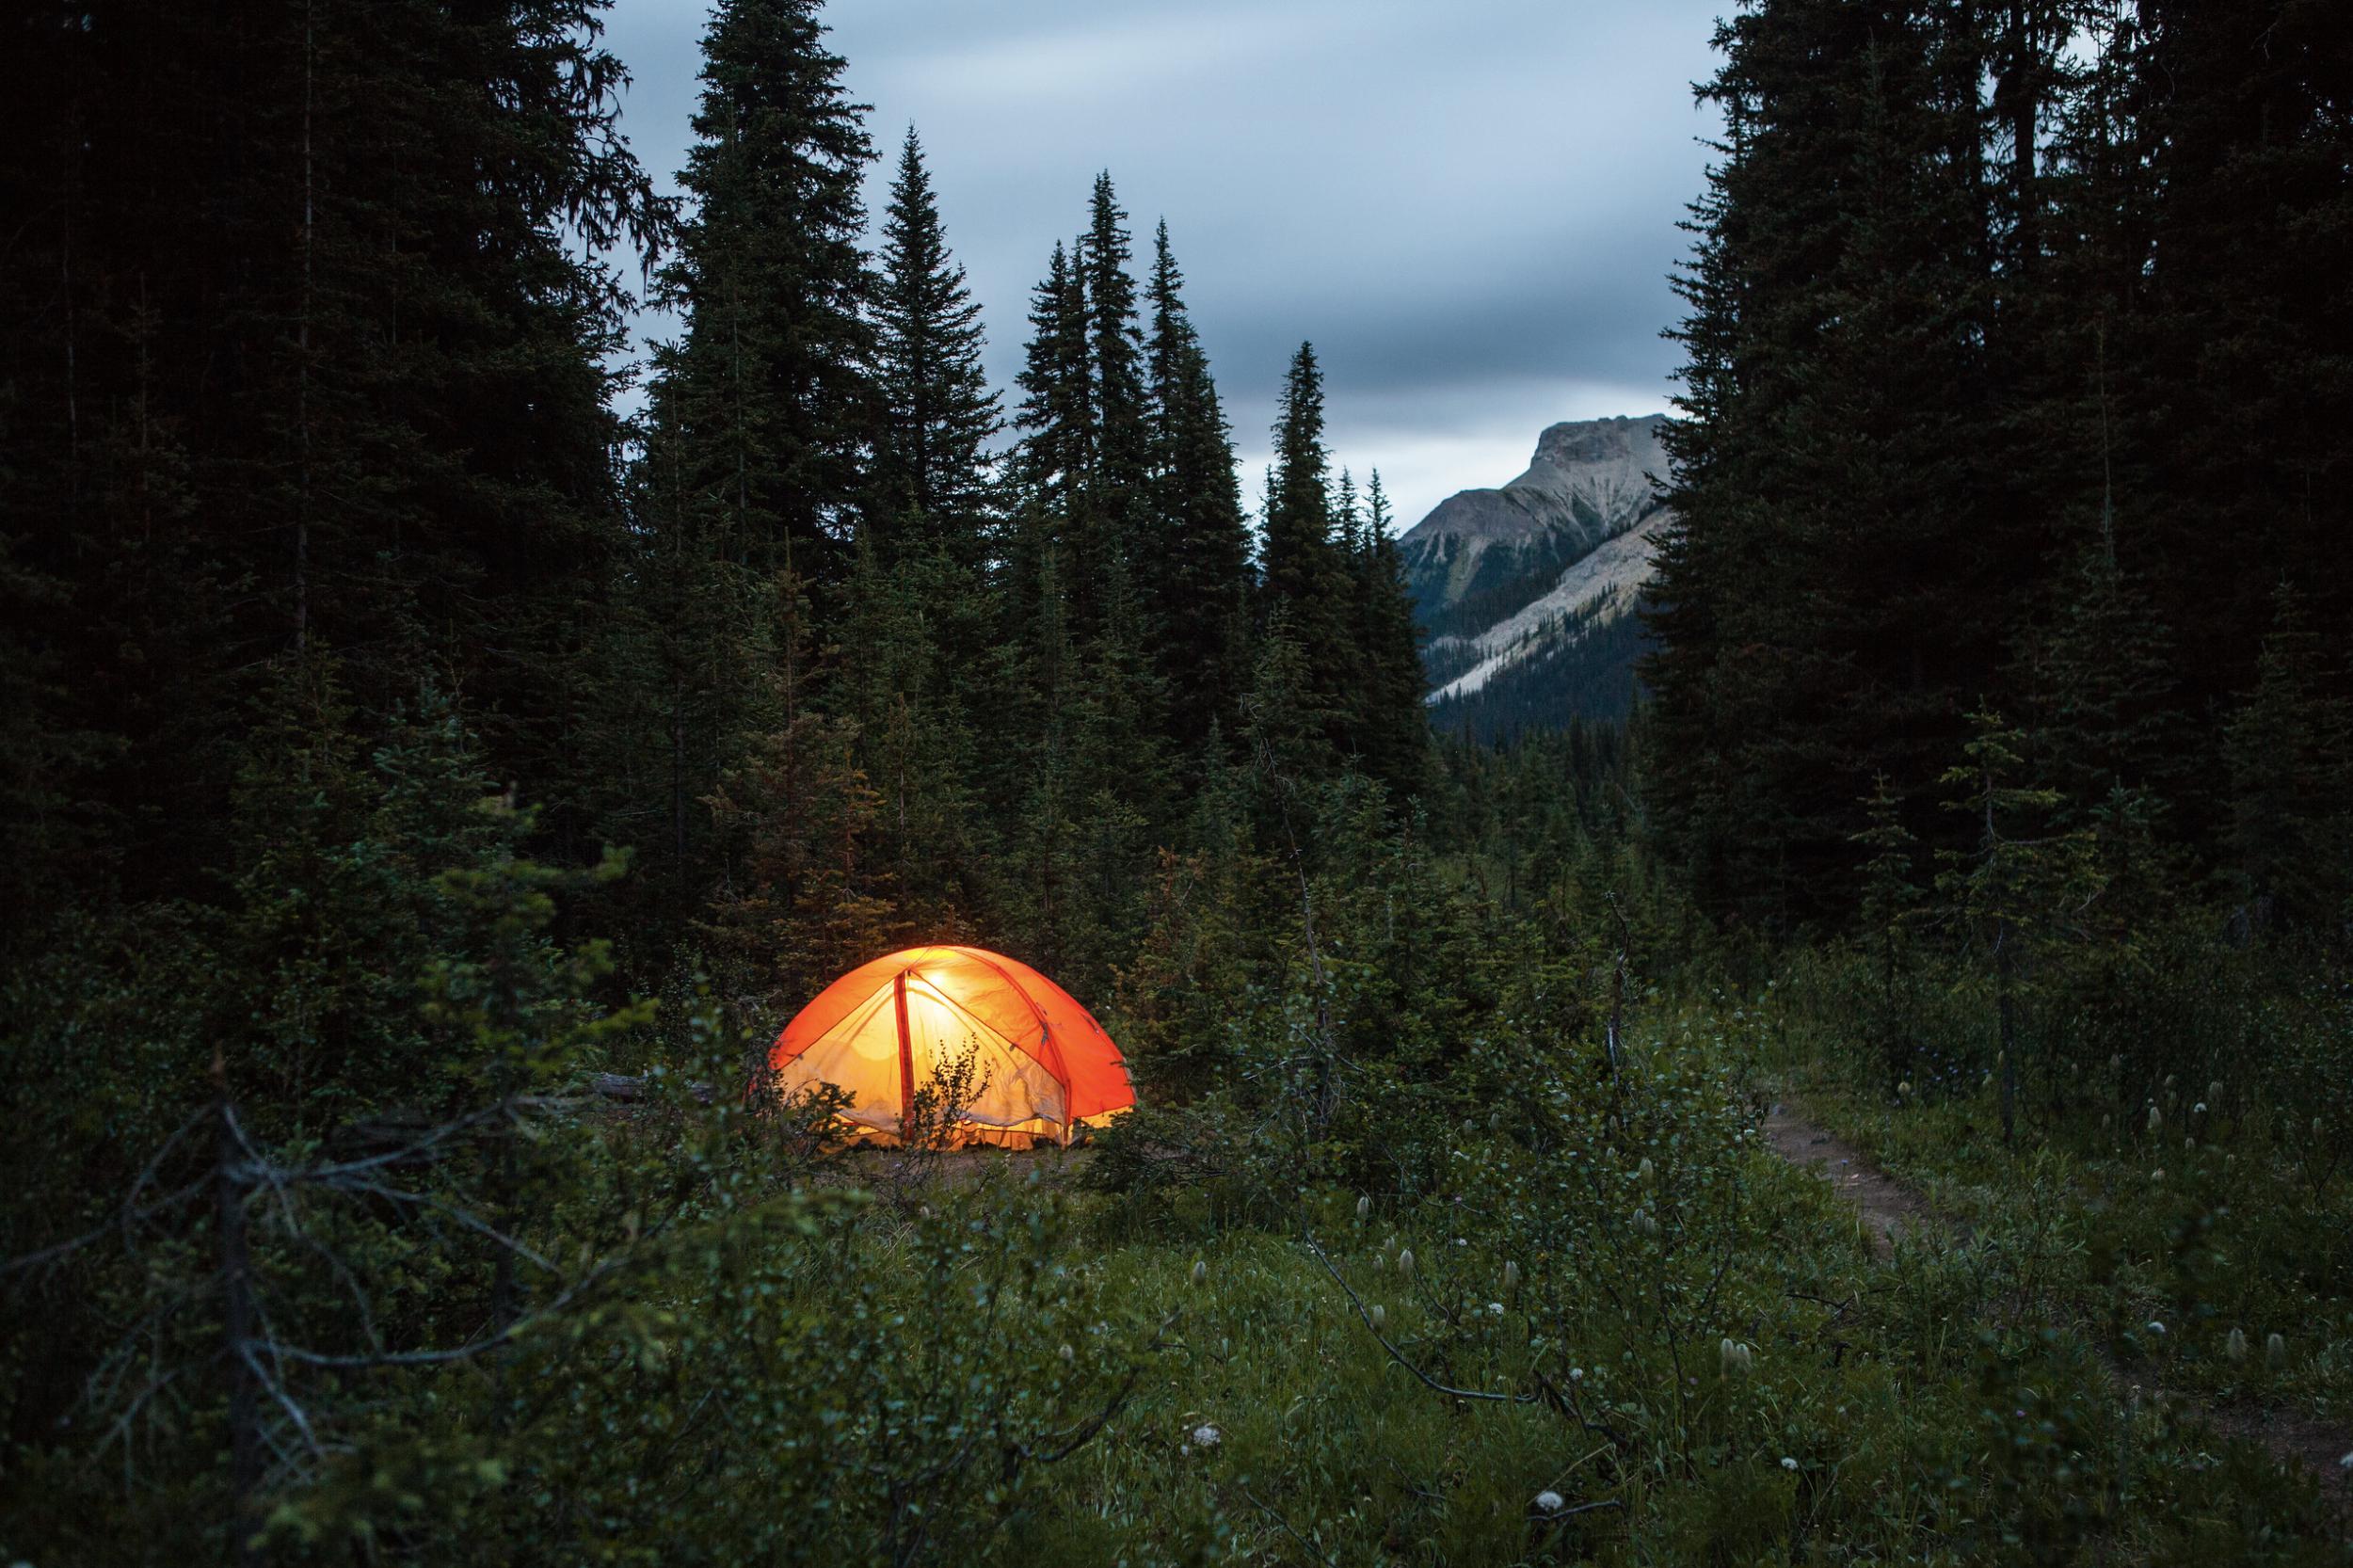 Zach Baranowski Photography Tent Camping Outside